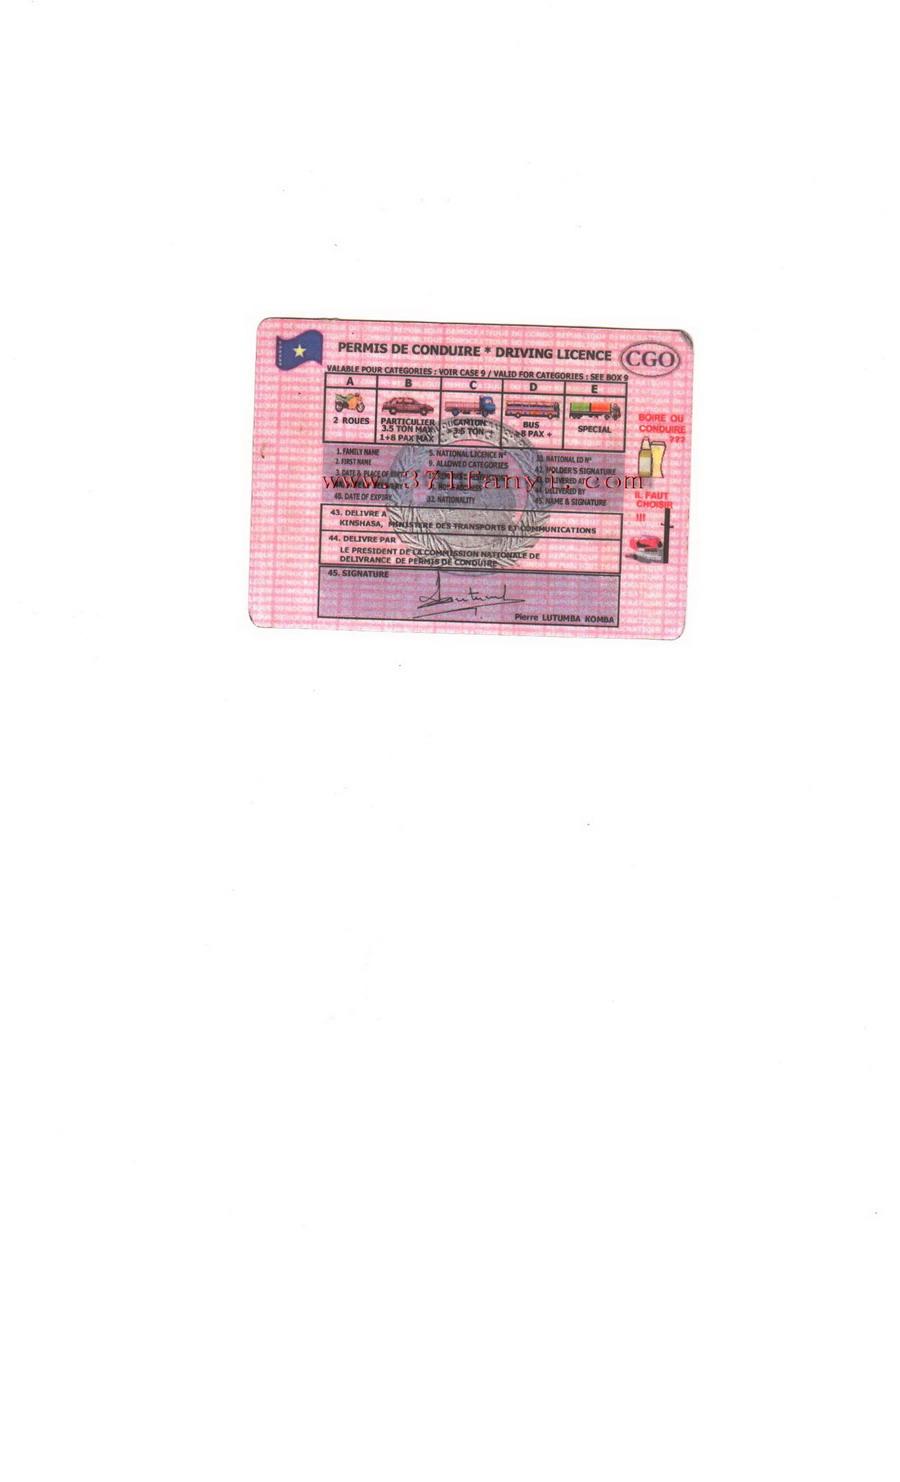 郑州翻译公司为您展示刚果金法语驾照翻译样本